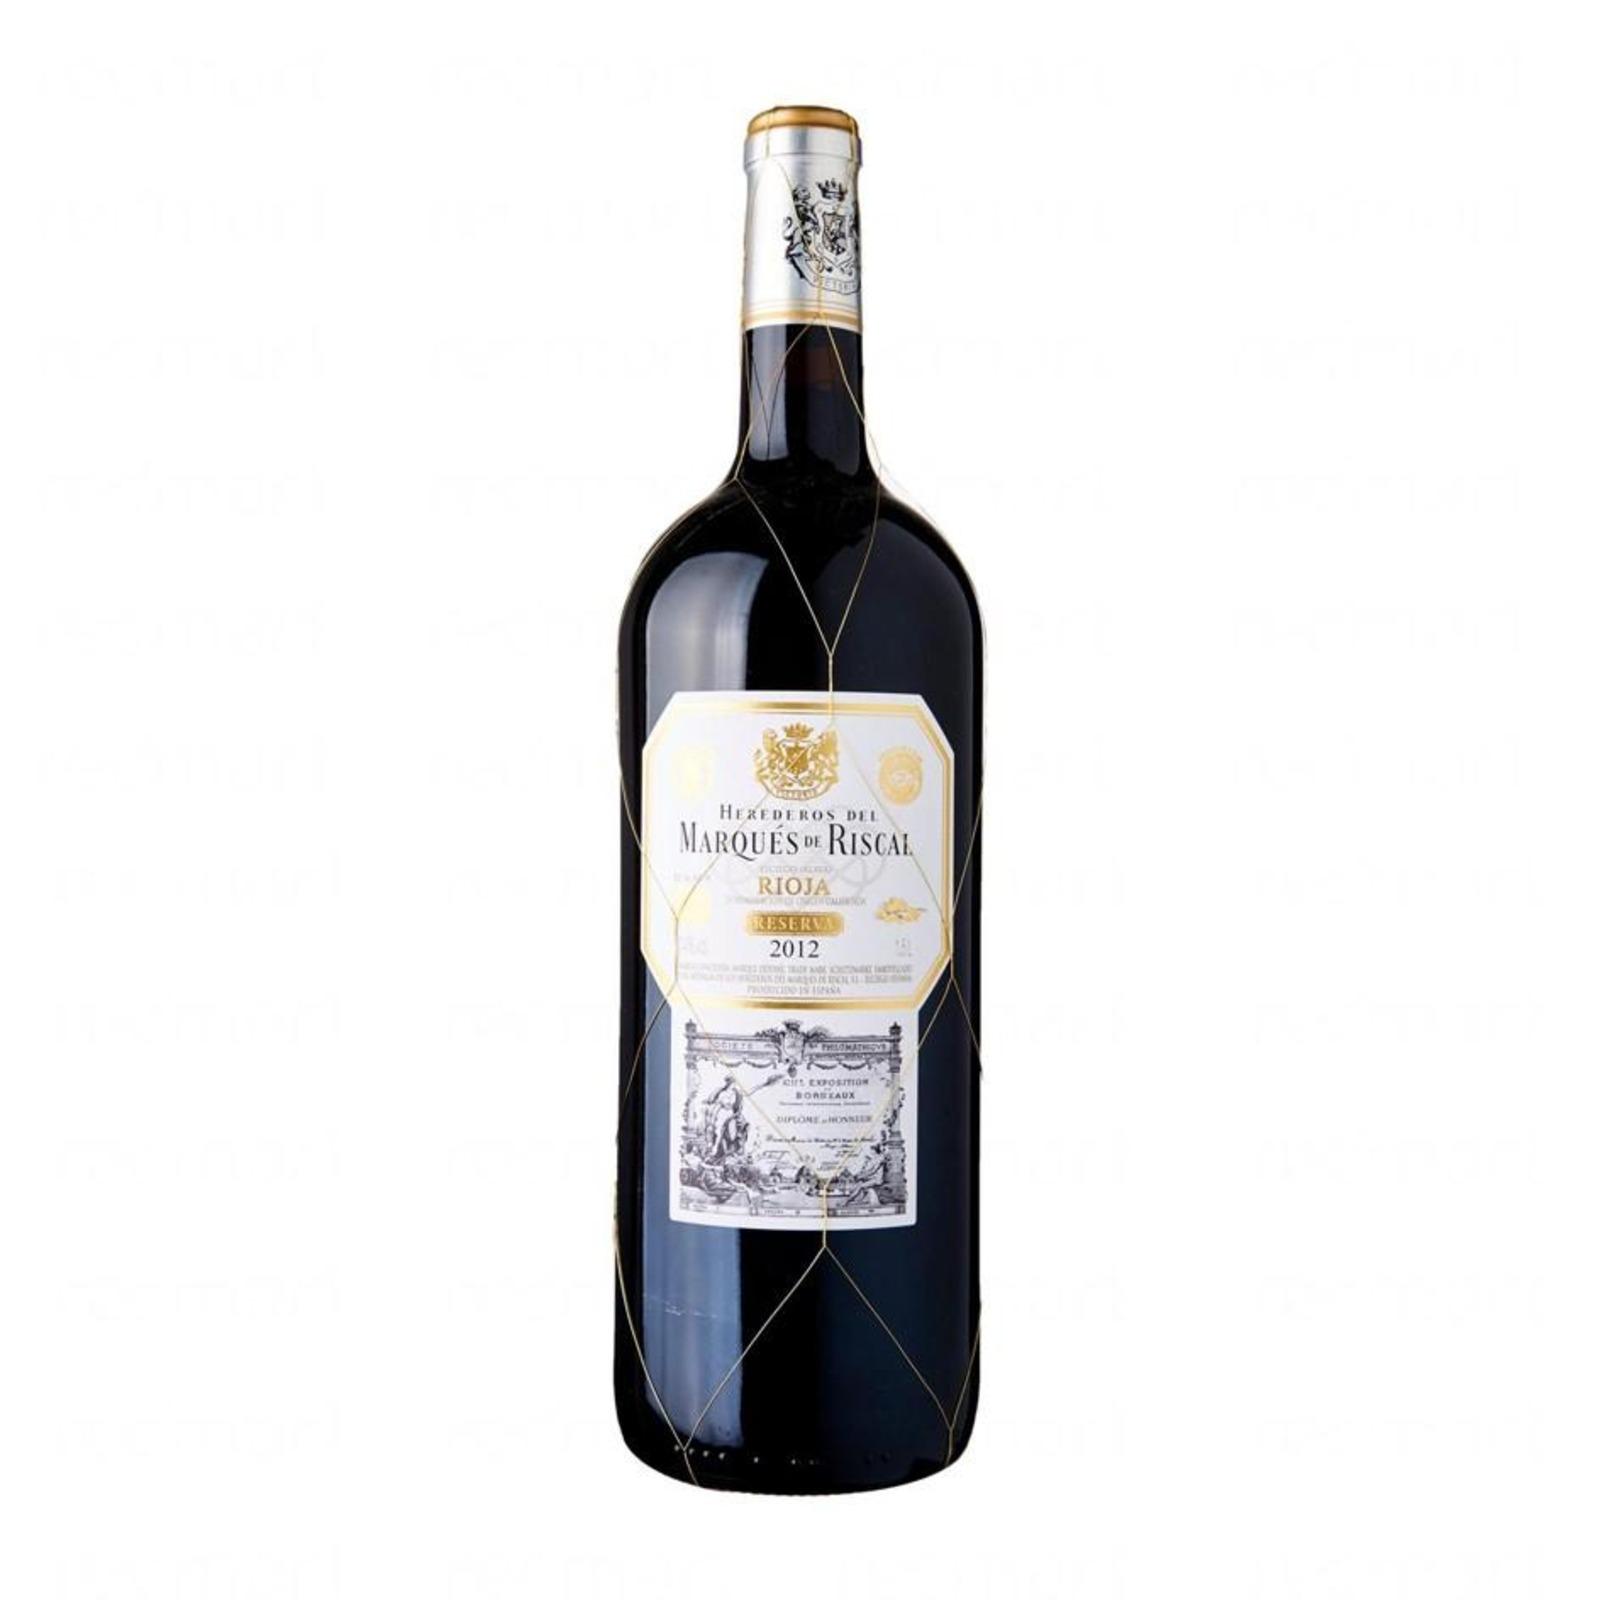 Marques de Riscal Reserva Rioja Magnum